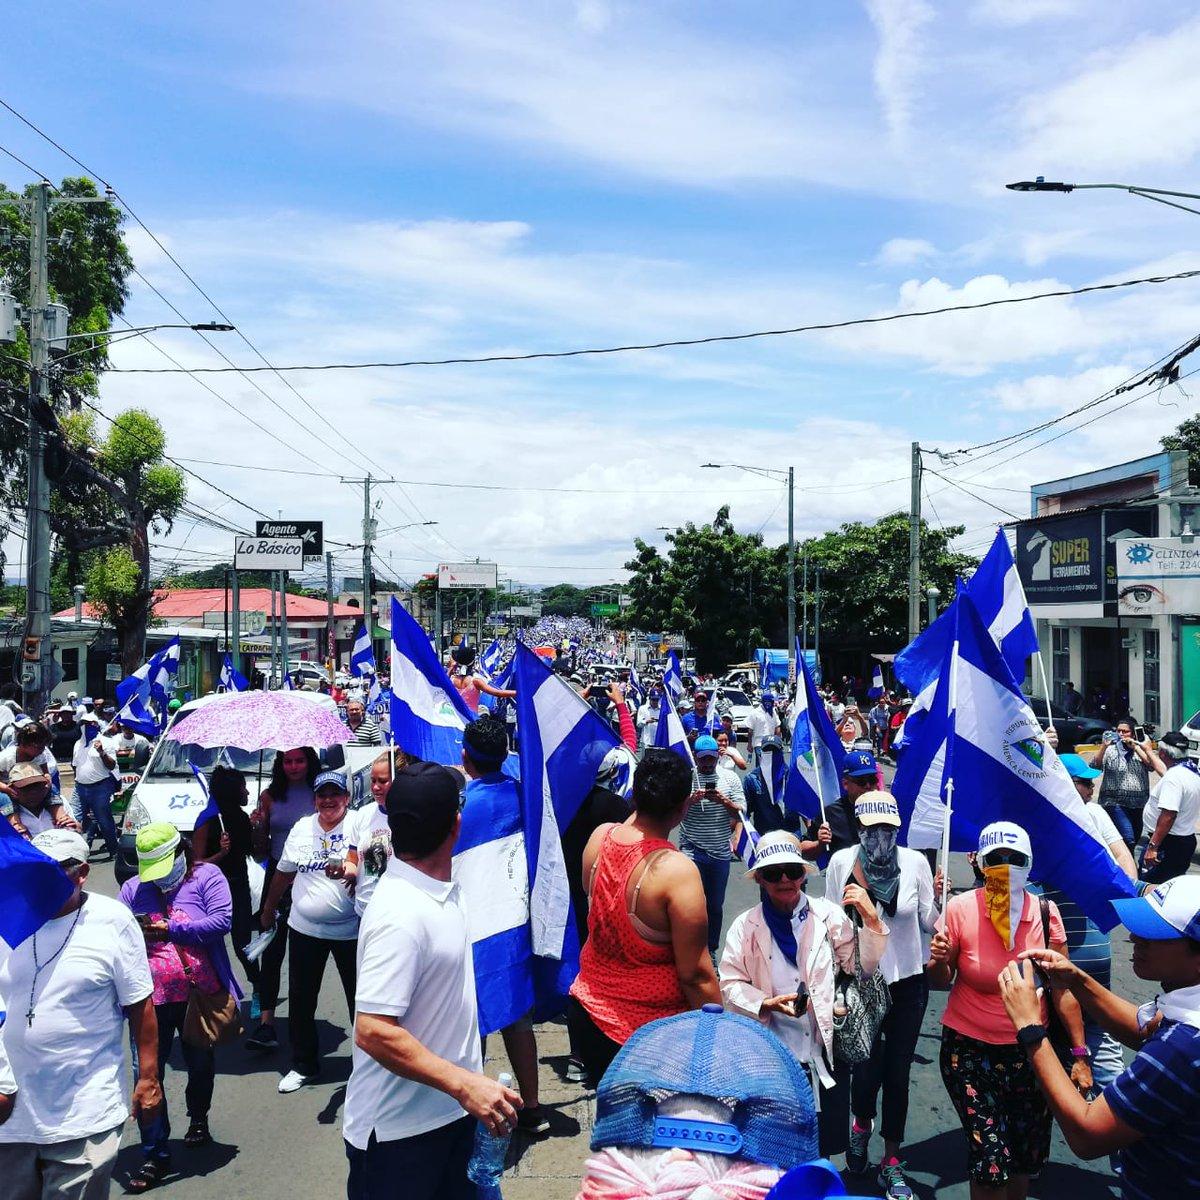 Marcha por los presos políticos llena las calles de Managua. Foto/Artículo66